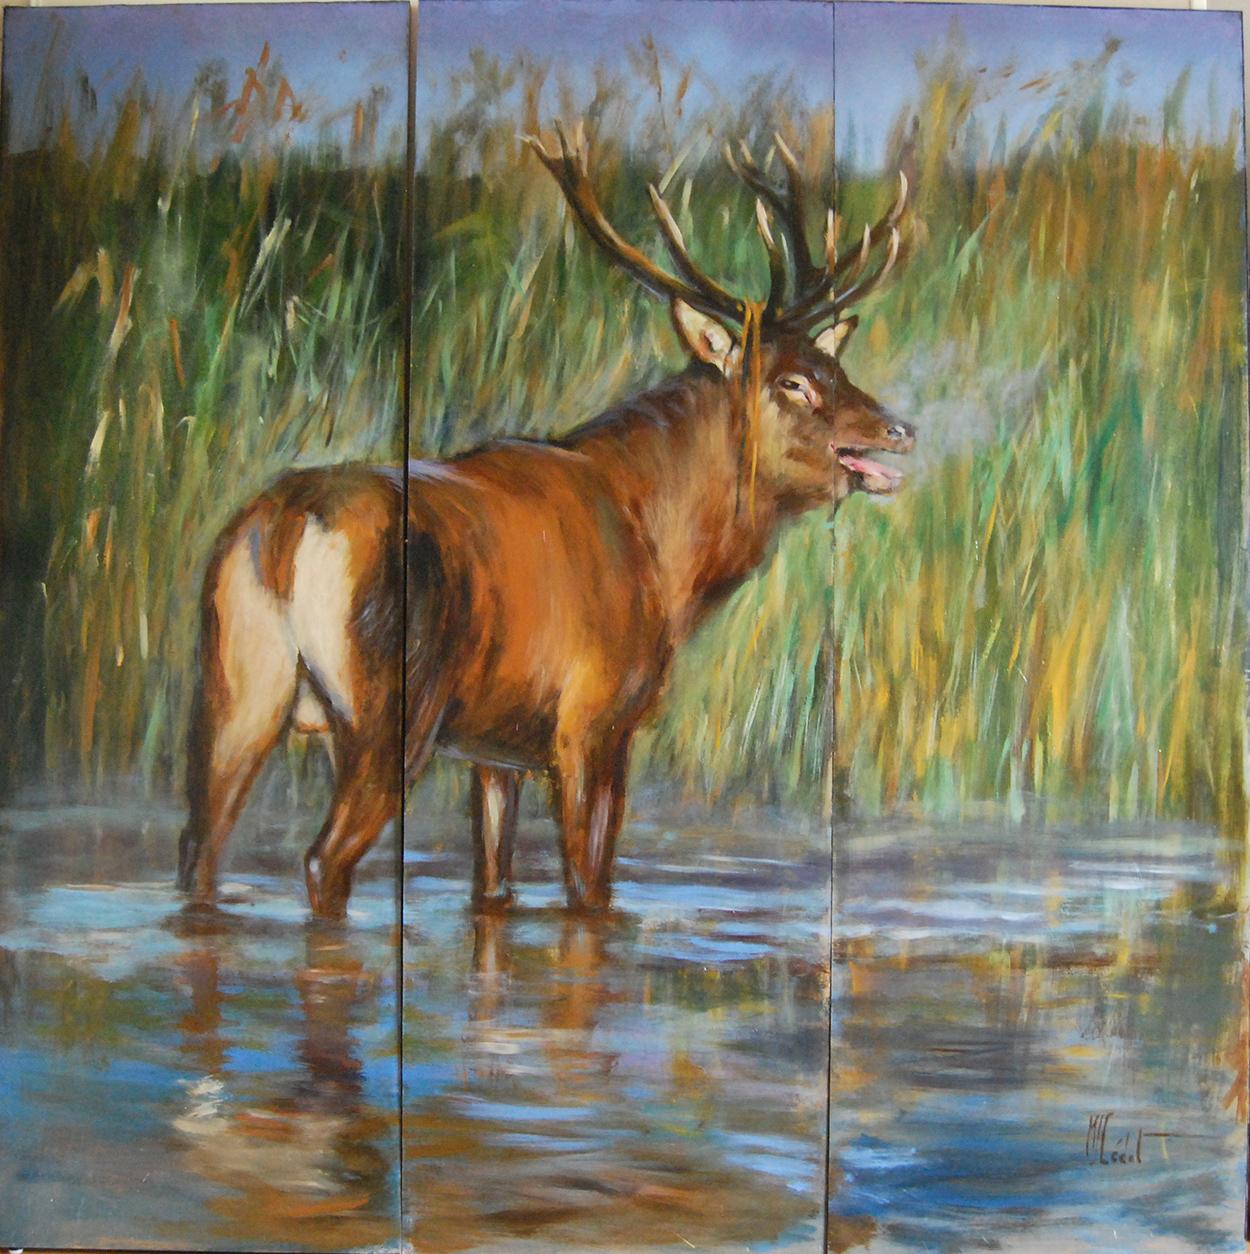 paravent bat l'eau cerf face 1-Marie-Joëlle Cédat-artiste animalier peinture animaliere-art-animalier- peintre-animalier